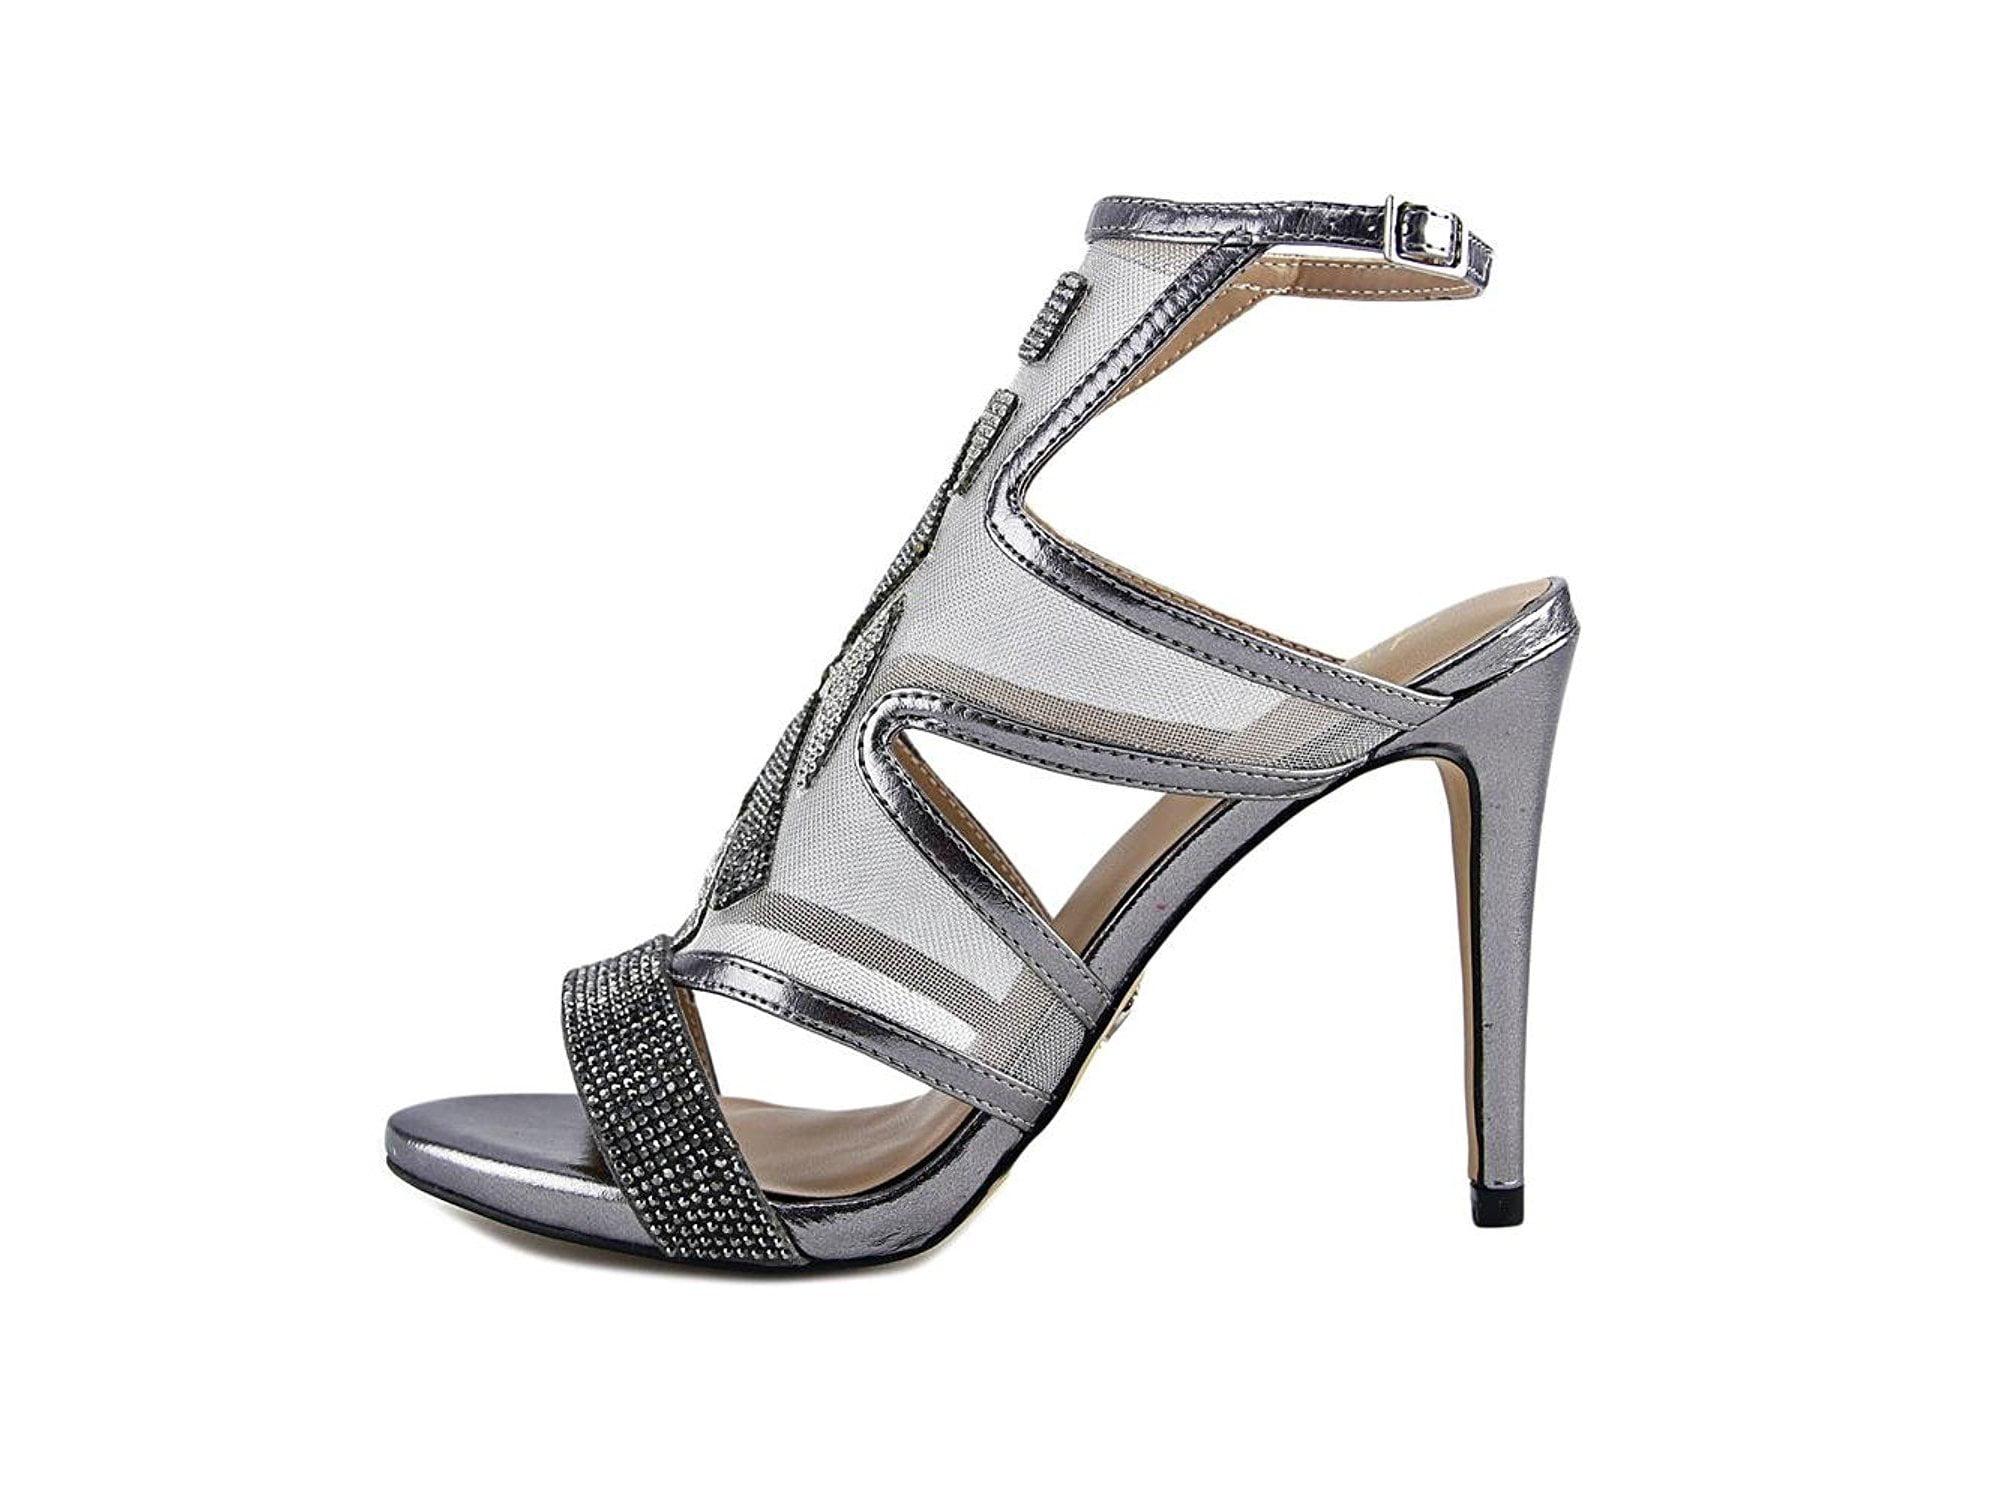 Thalia Sodi Damenschuhe Regalo Fabric Open Open Fabric Toe Special Occasion, Pewter ... 731017